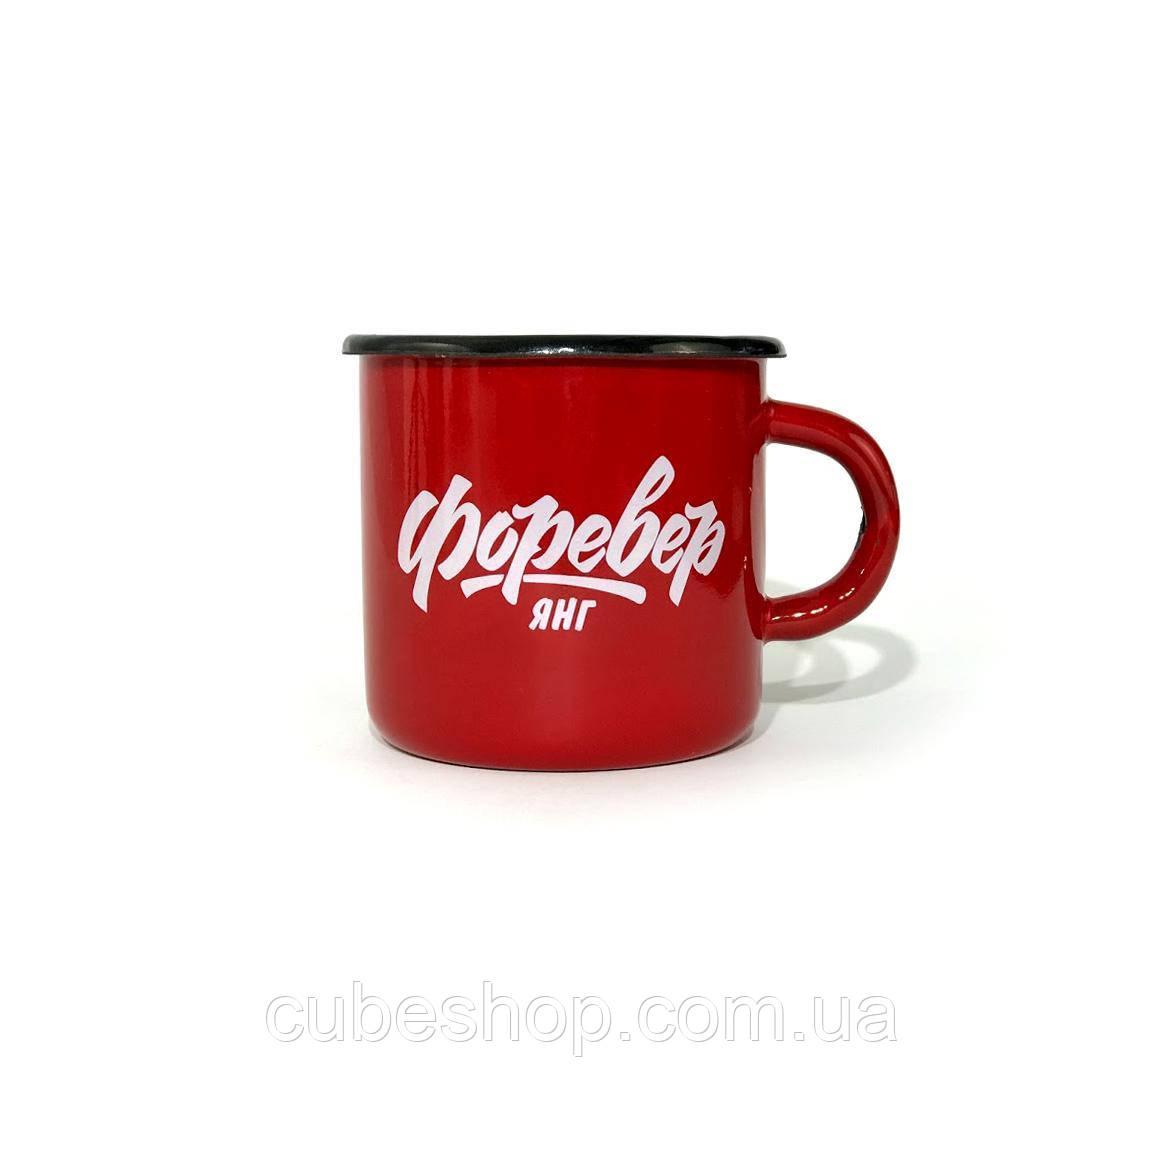 Чашка эмалированная «Форевер янг» (270 мл)